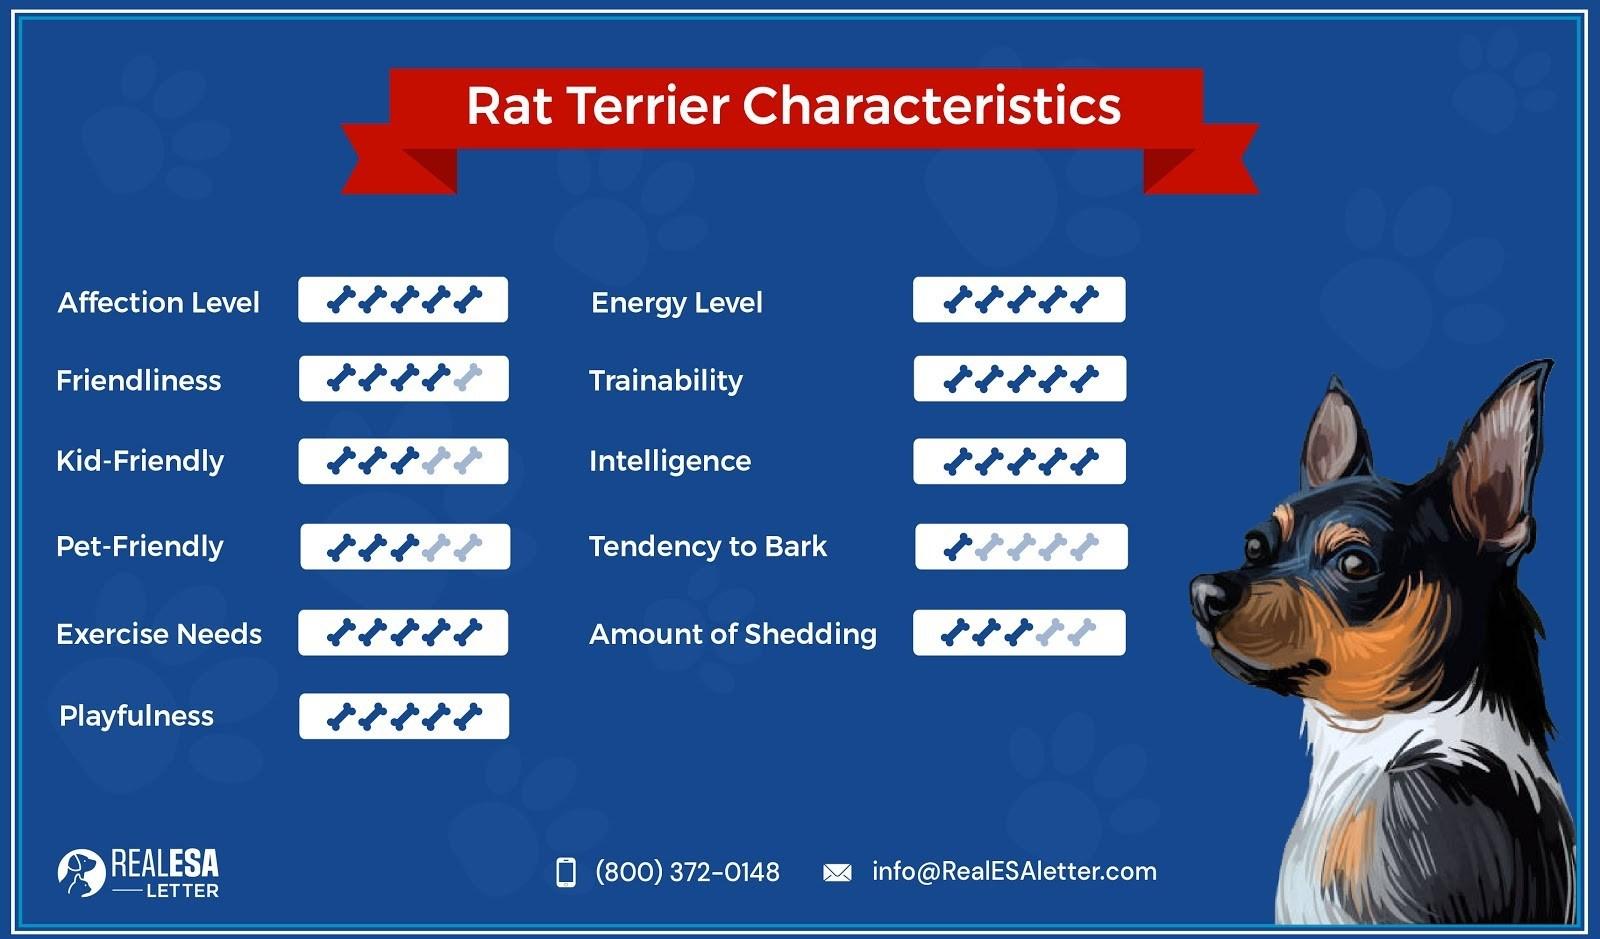 Rat Terrier Characteristics